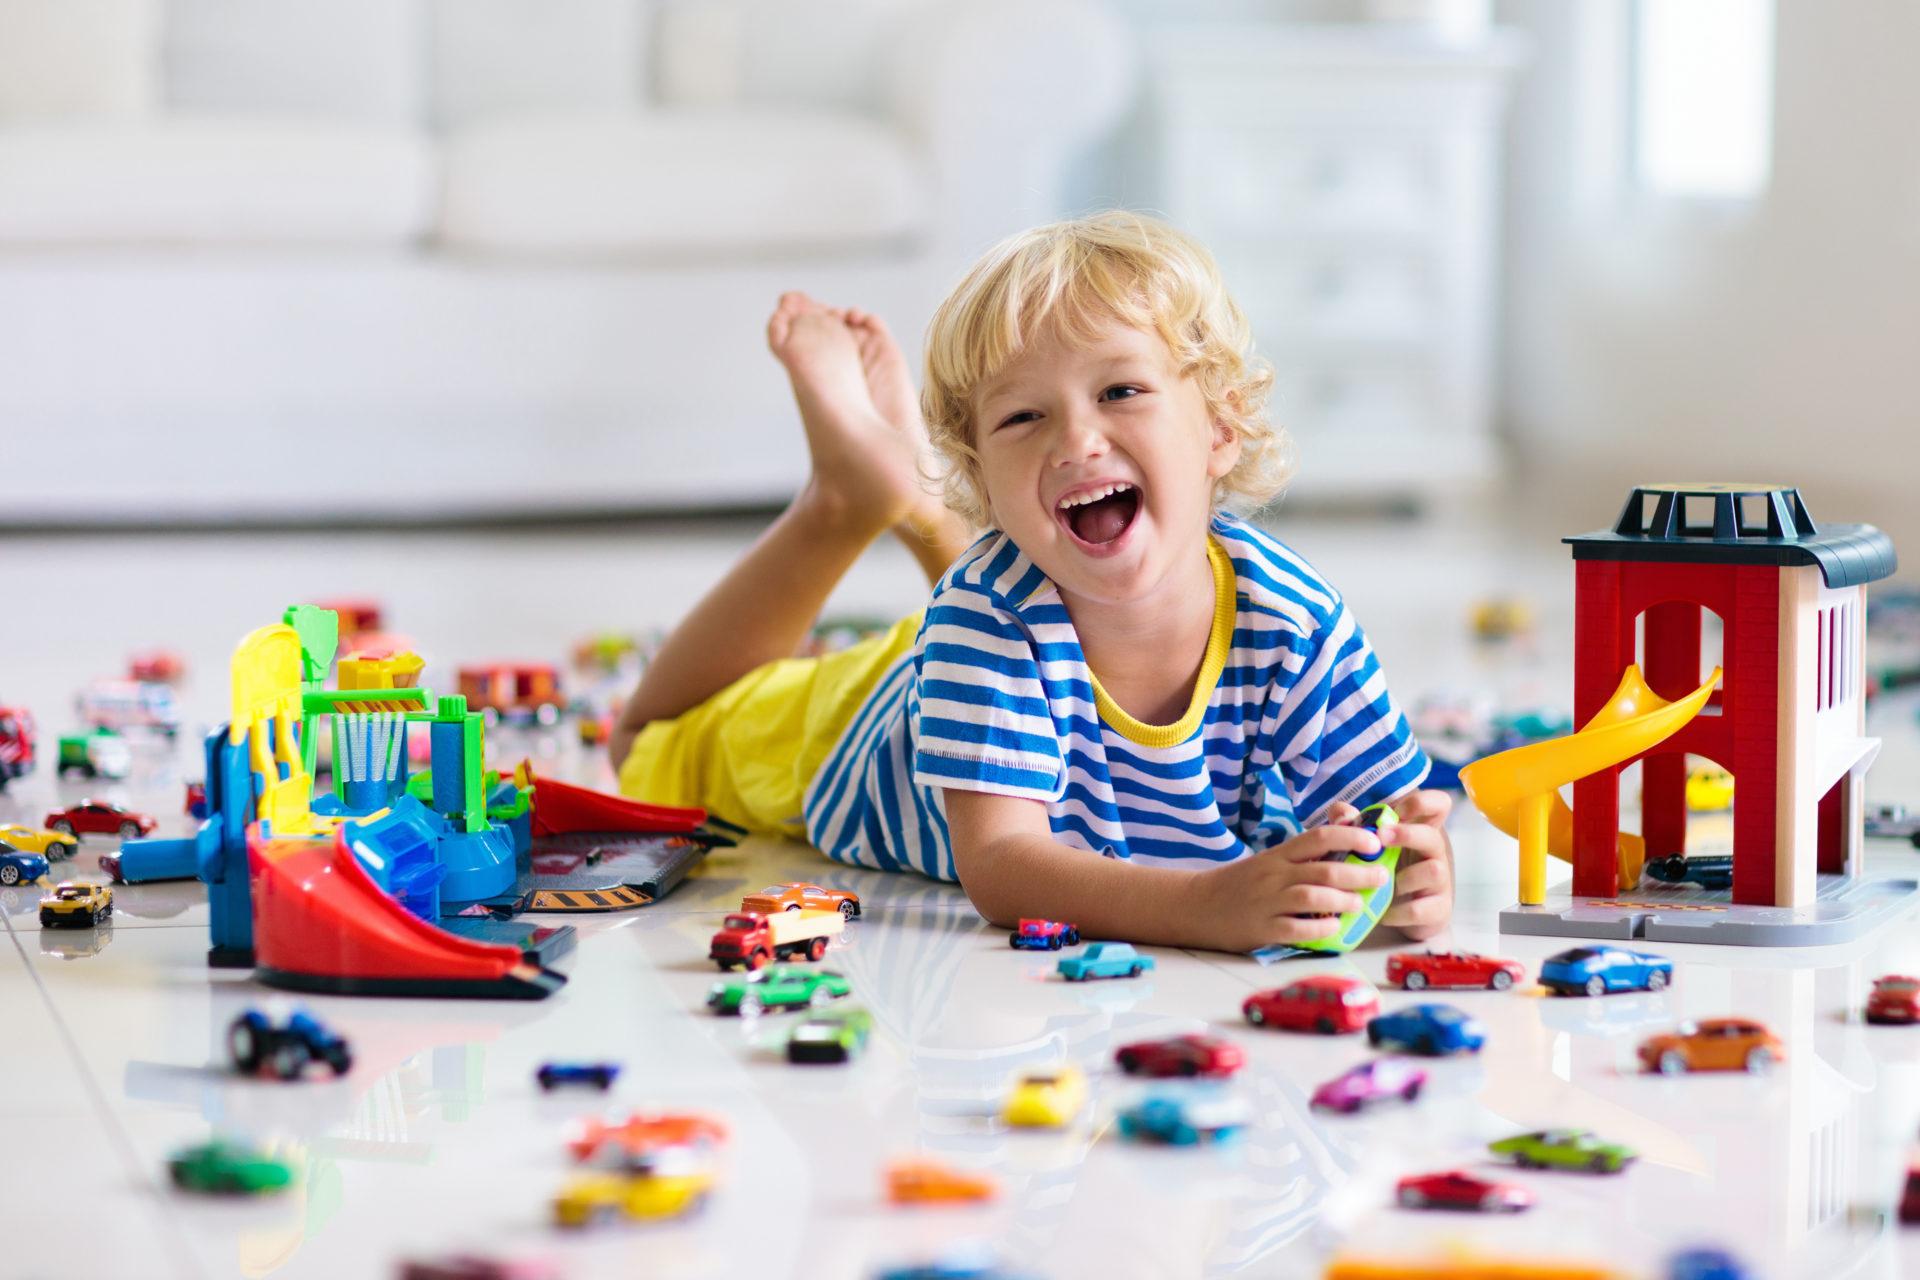 Jeu Eveil Enfant, Jouet Eveil Enfant, Cadeau D'eveil Pour à Jeu Pour Petit Garcon De 2 Ans